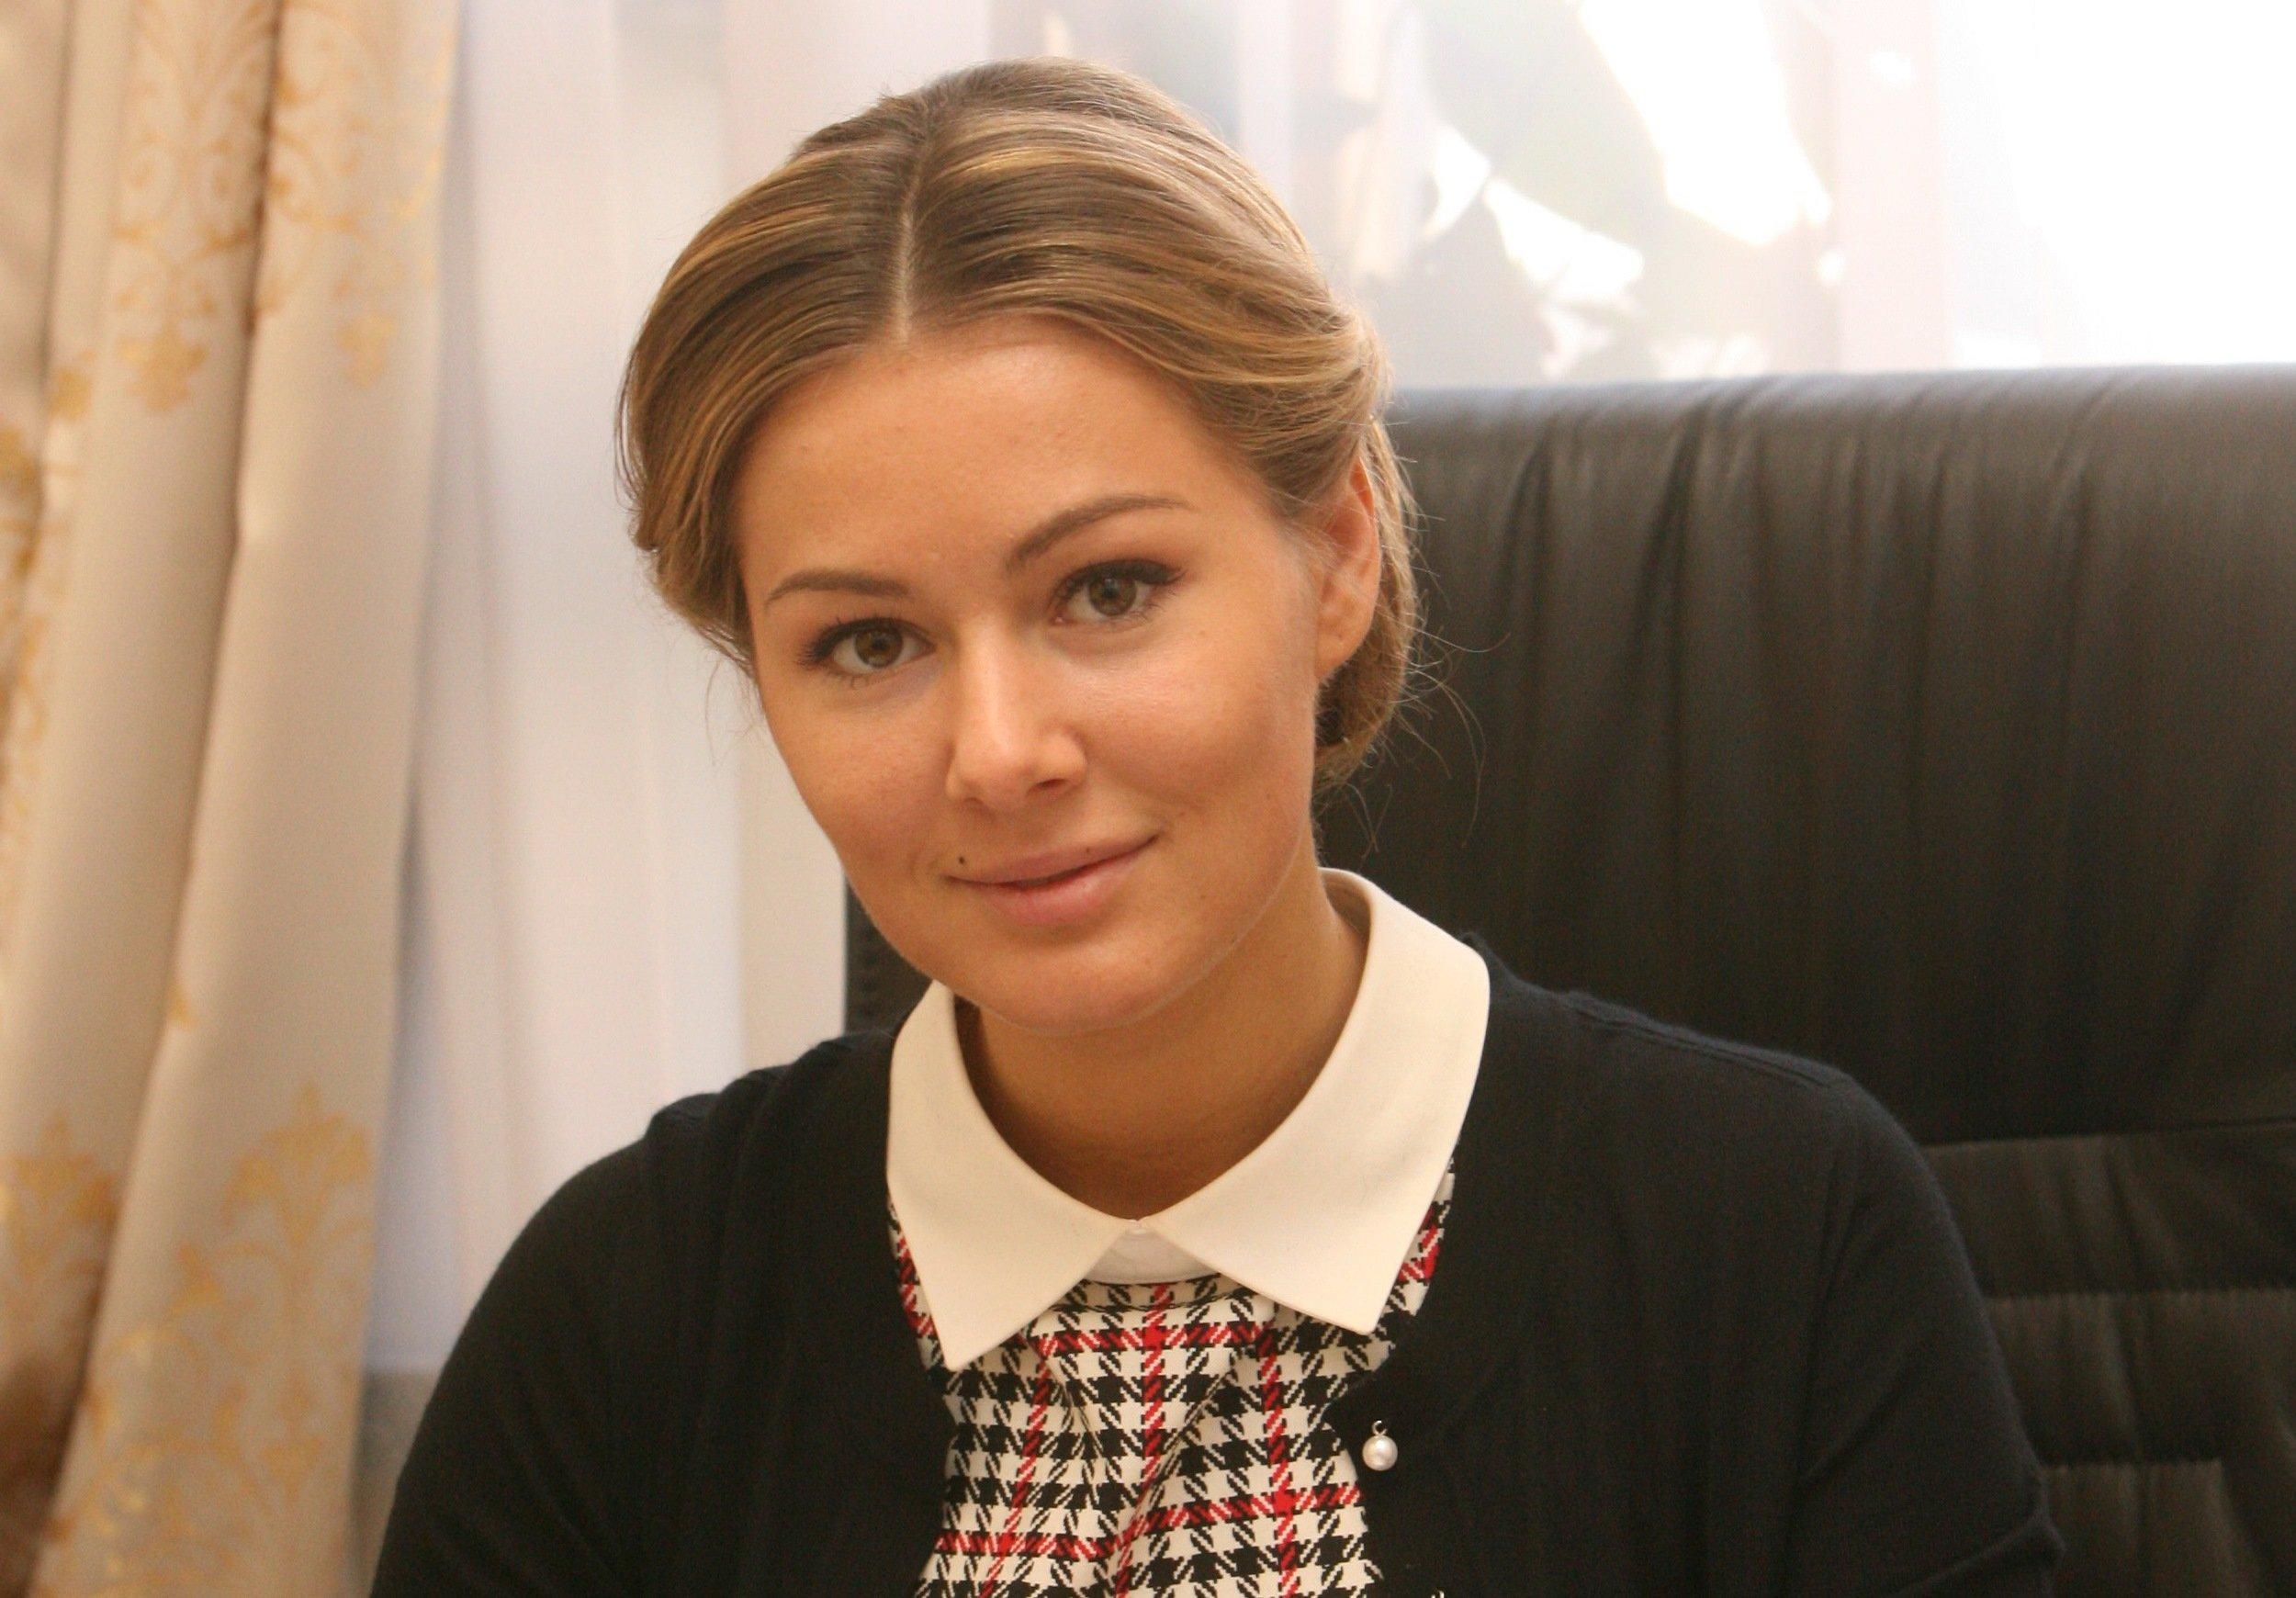 ���������� ����� ����� ����������� � ������ ������������ �� Starsru.ru